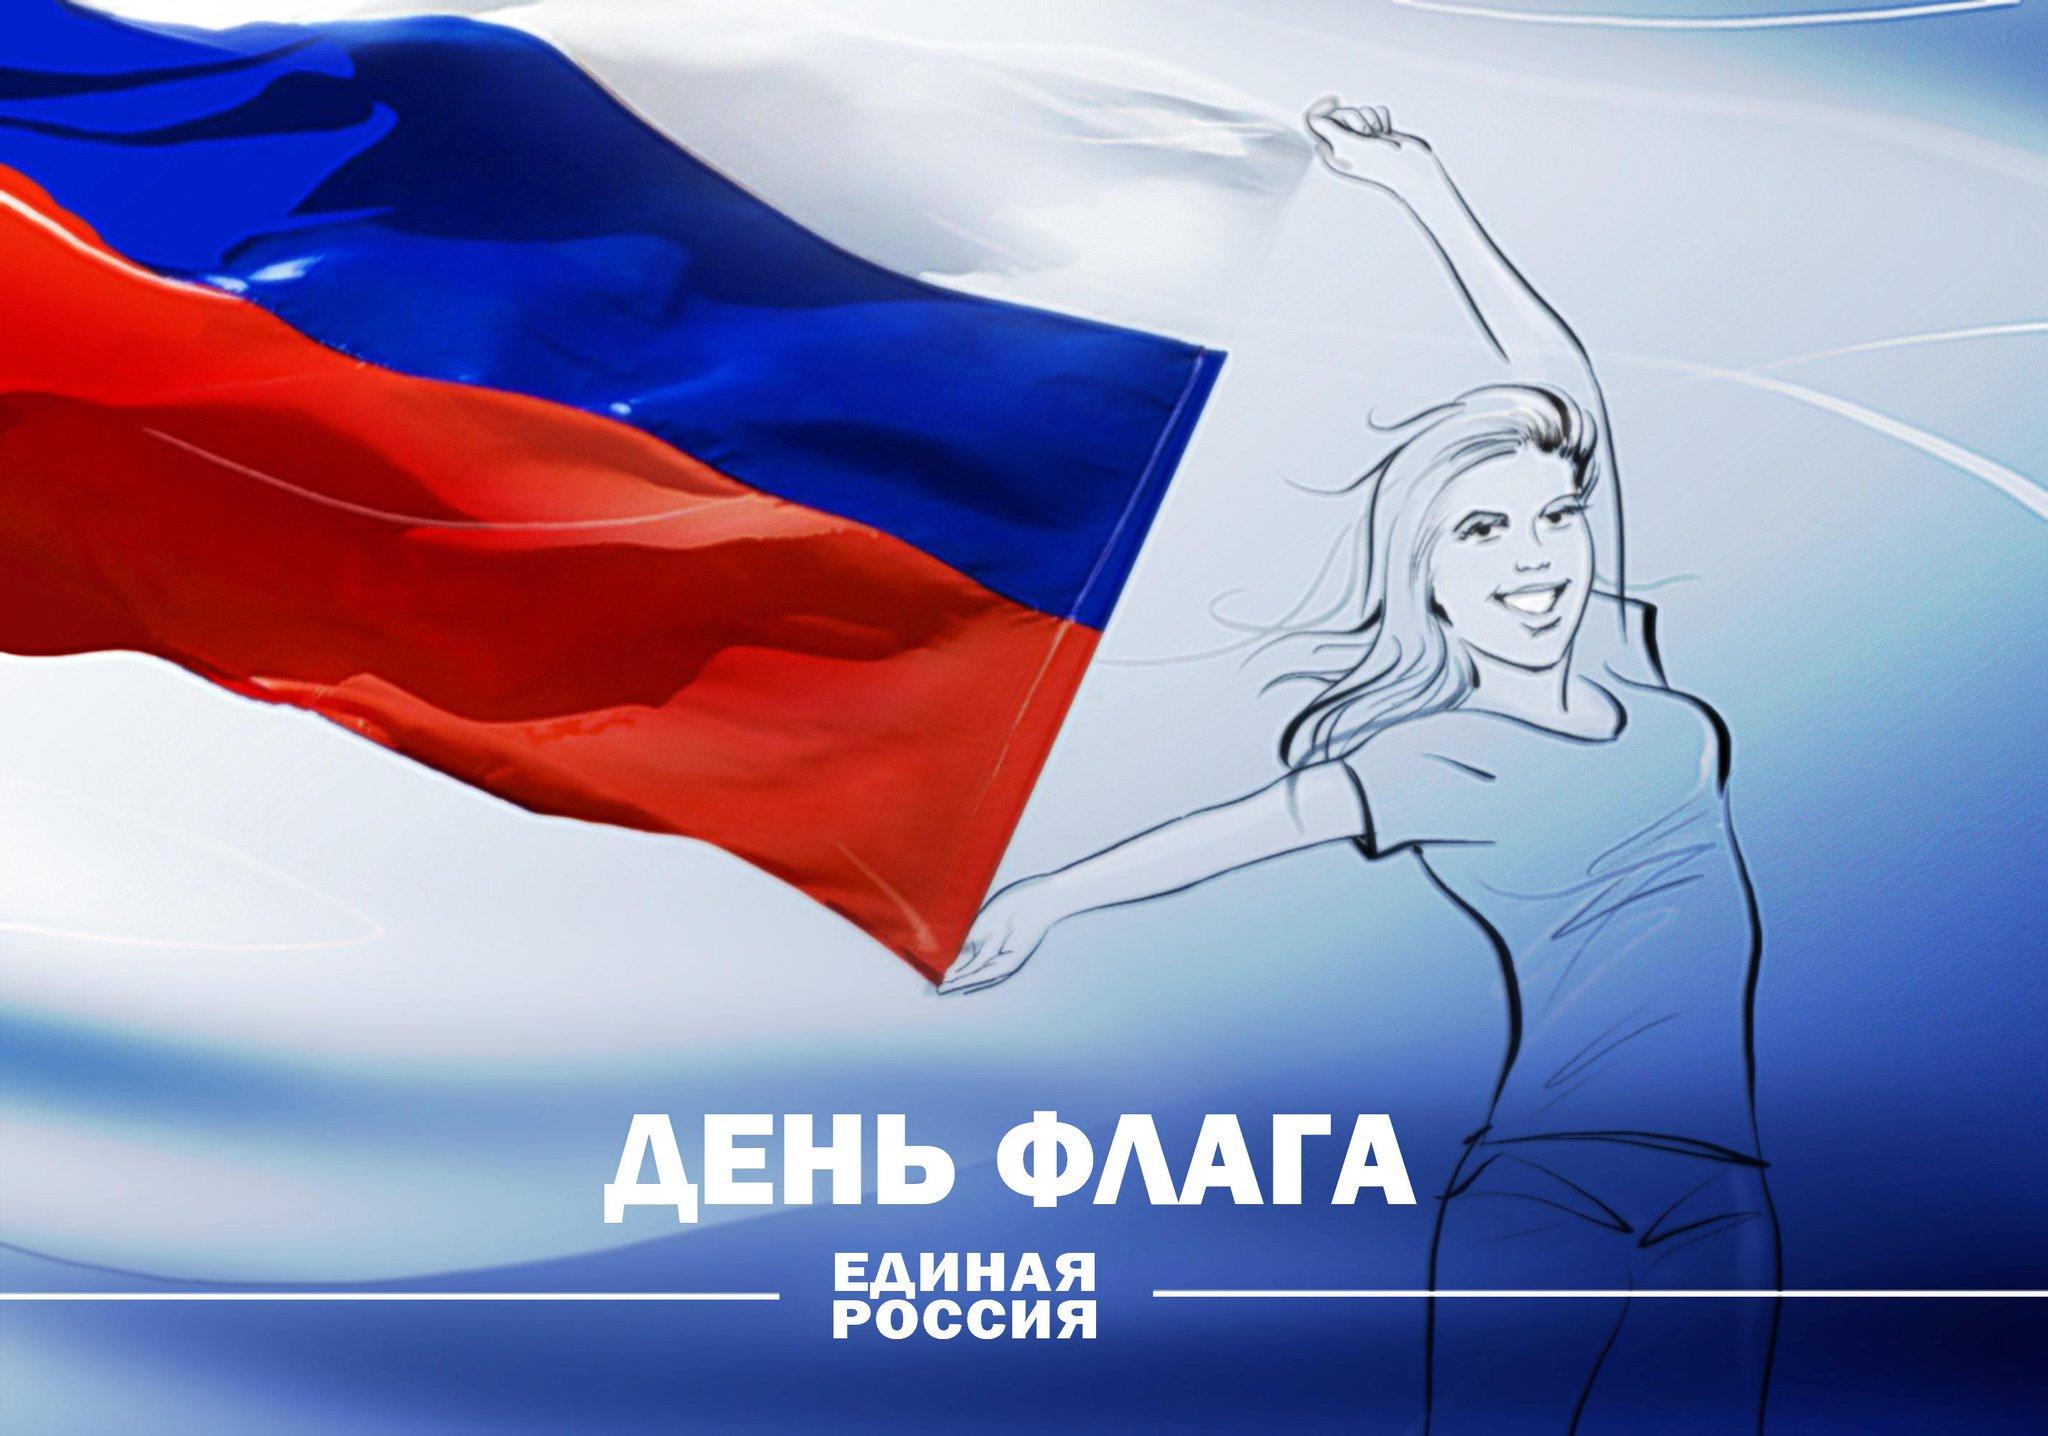 Открытки день государственного флага россии